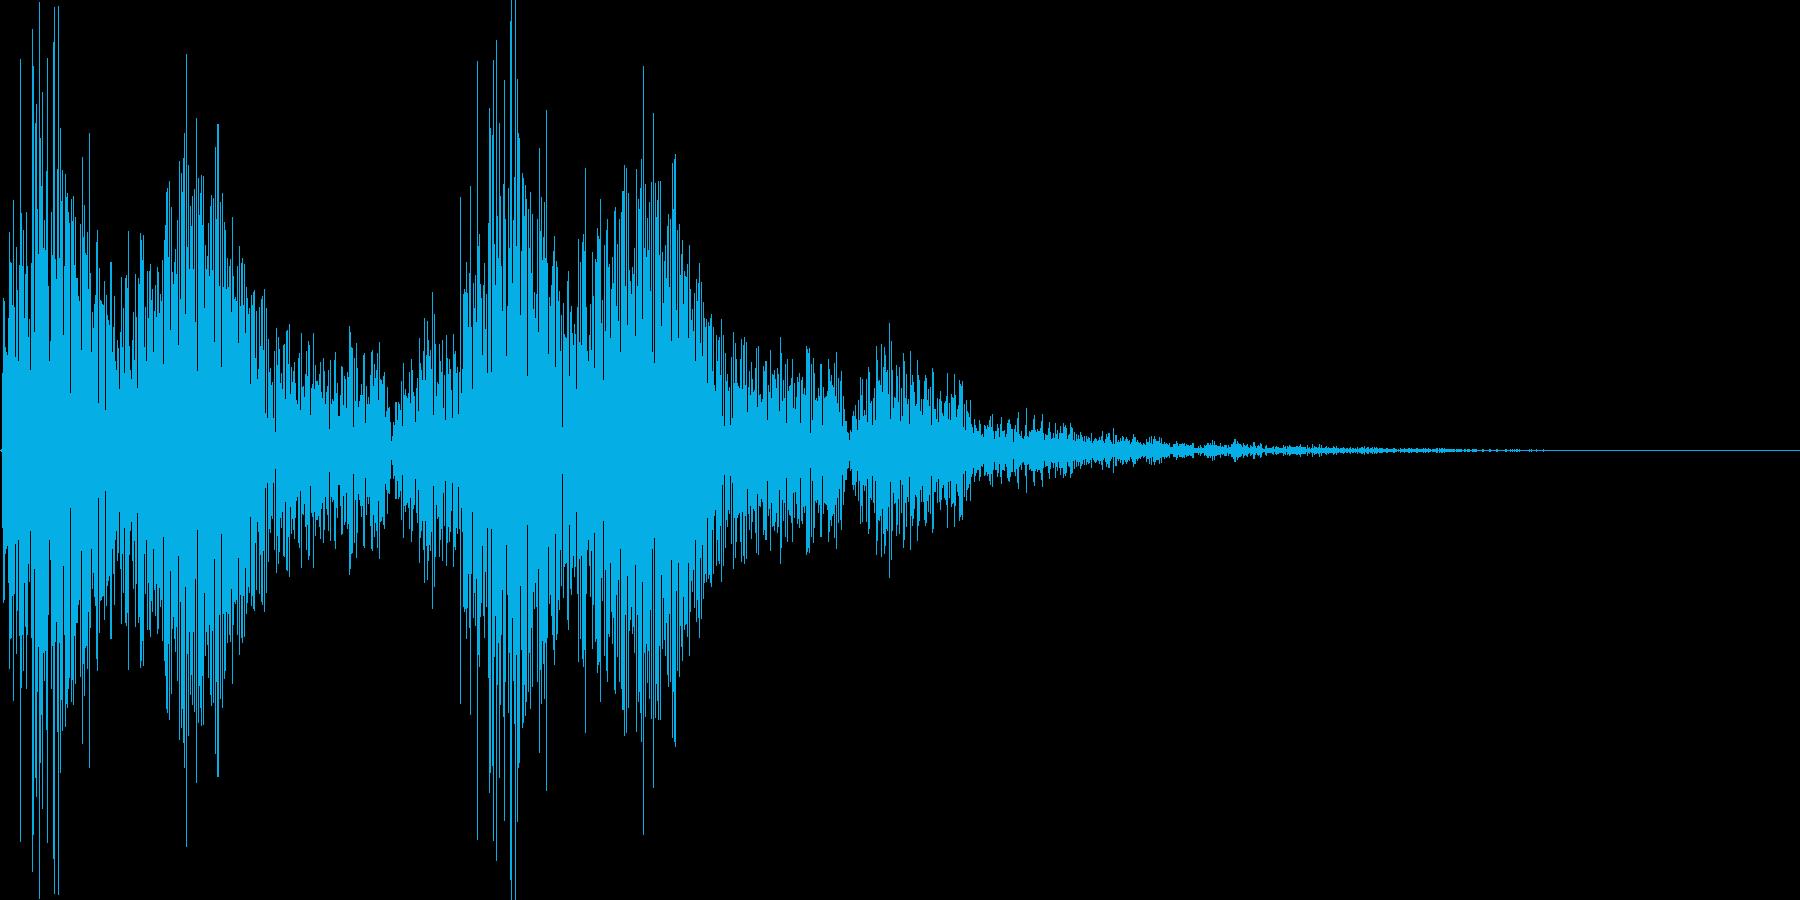 ポポン カカン 小鼓と拍子木の音の再生済みの波形